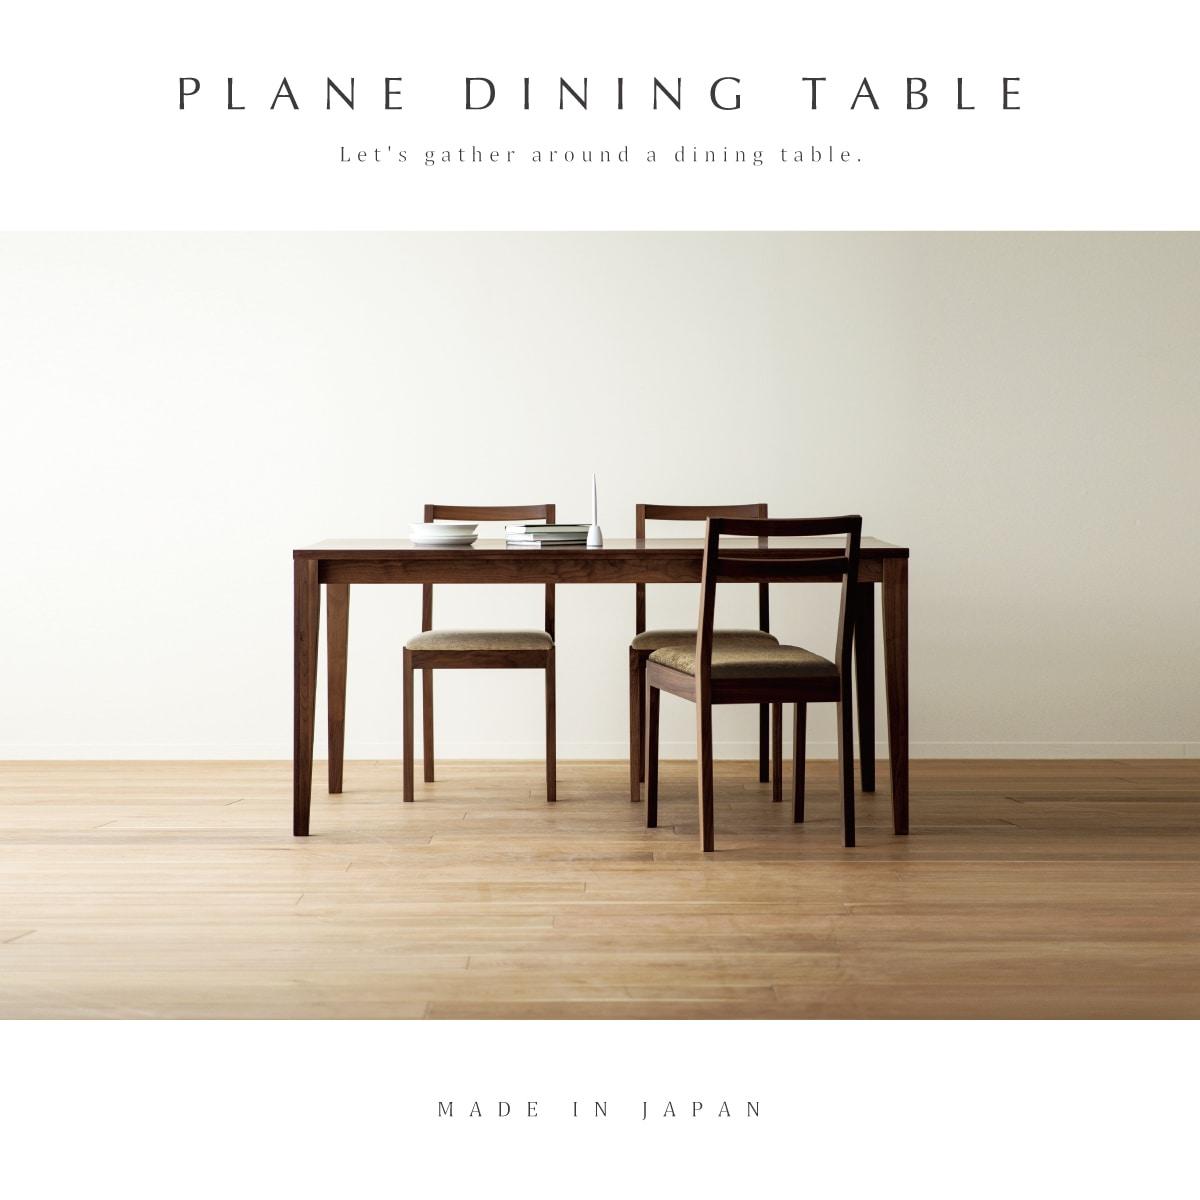 ウォルナットダイニングテーブルのコーディネート